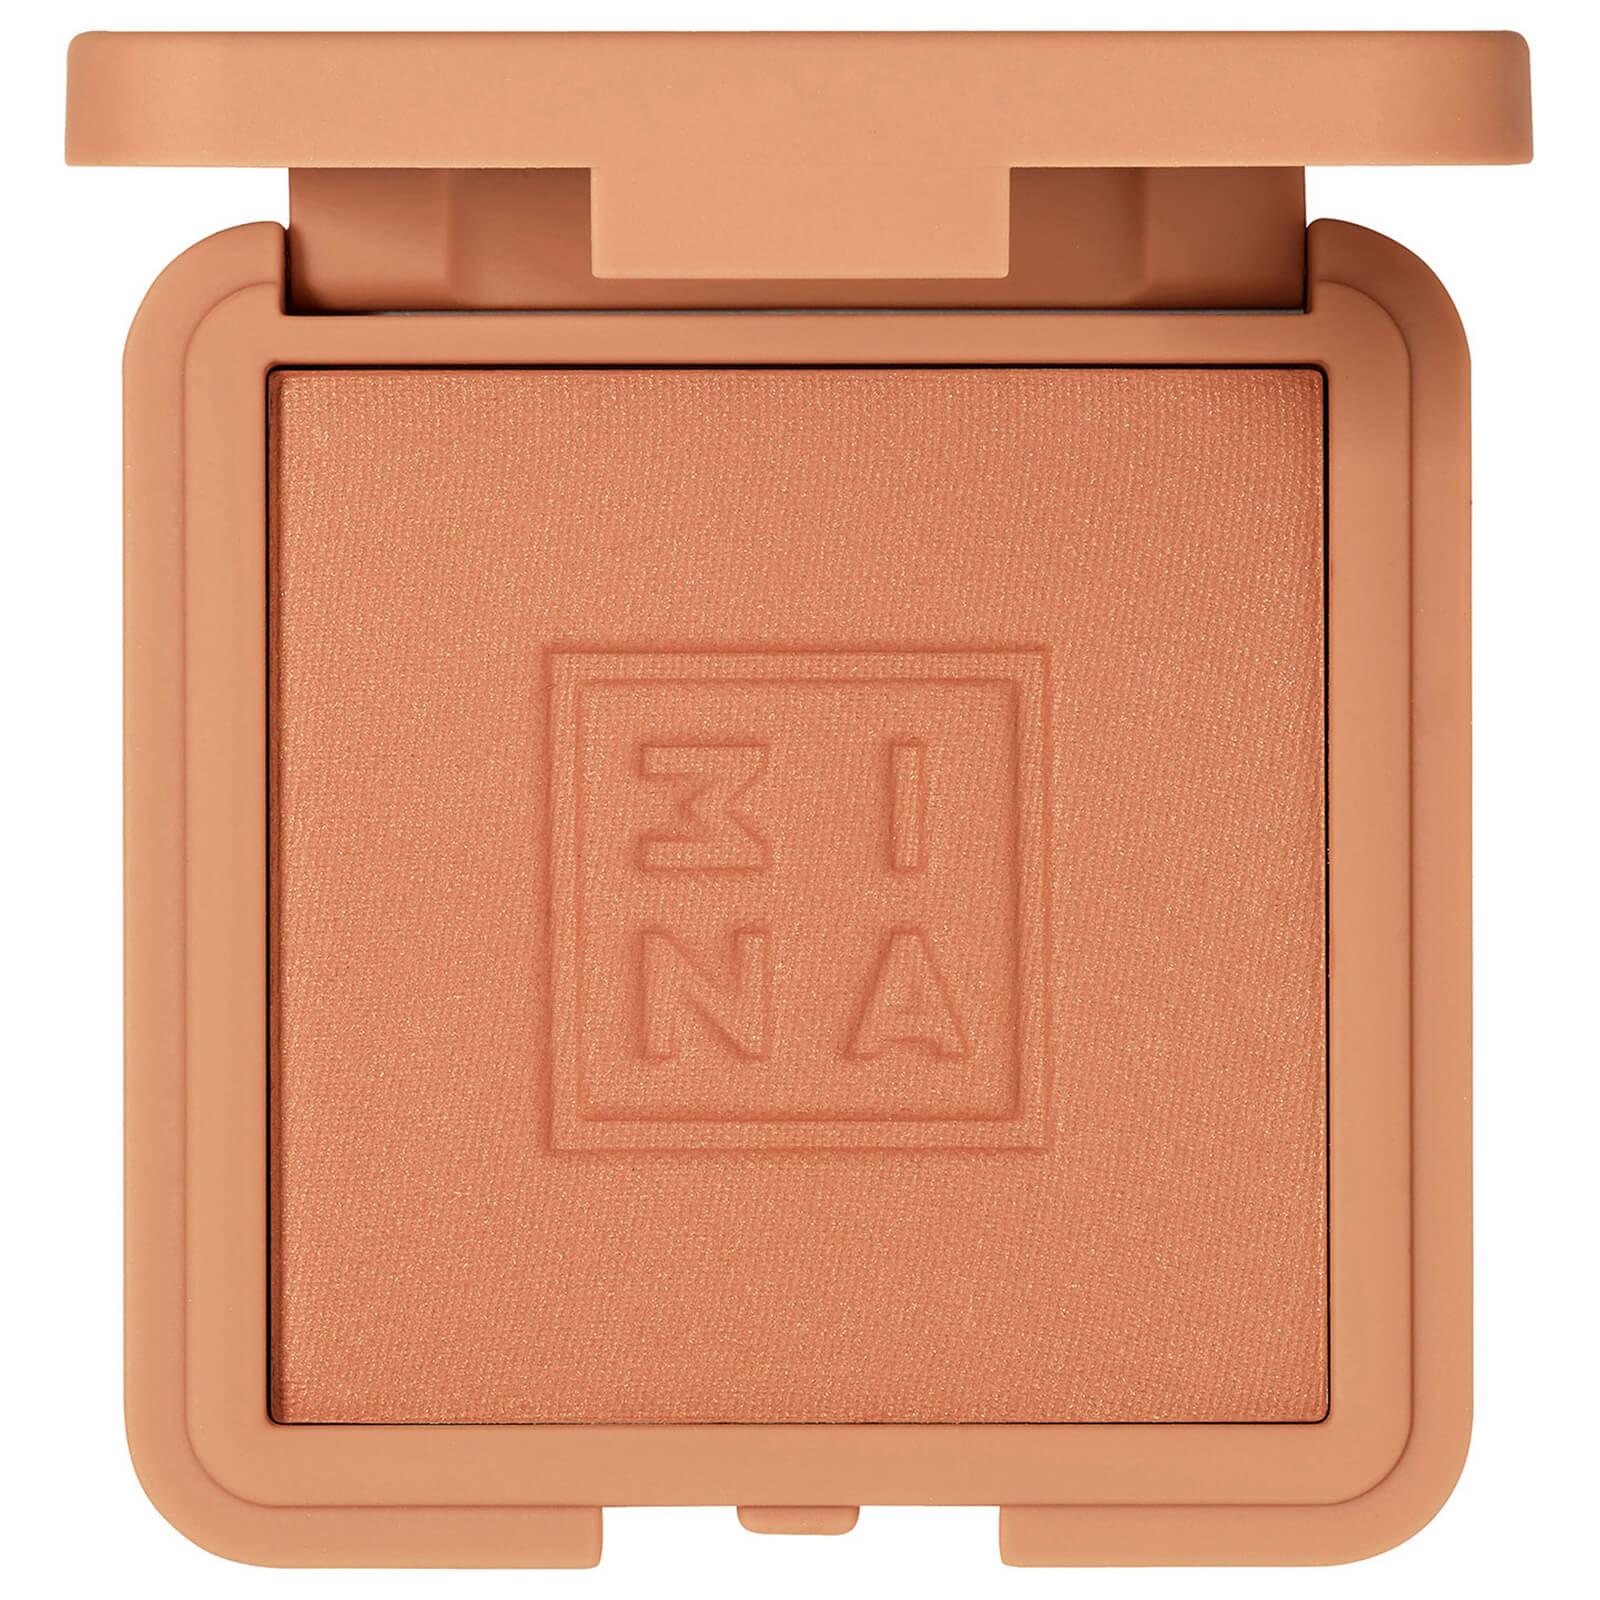 3INA Makeup The Blush 7.5g (Various Shades) - 591